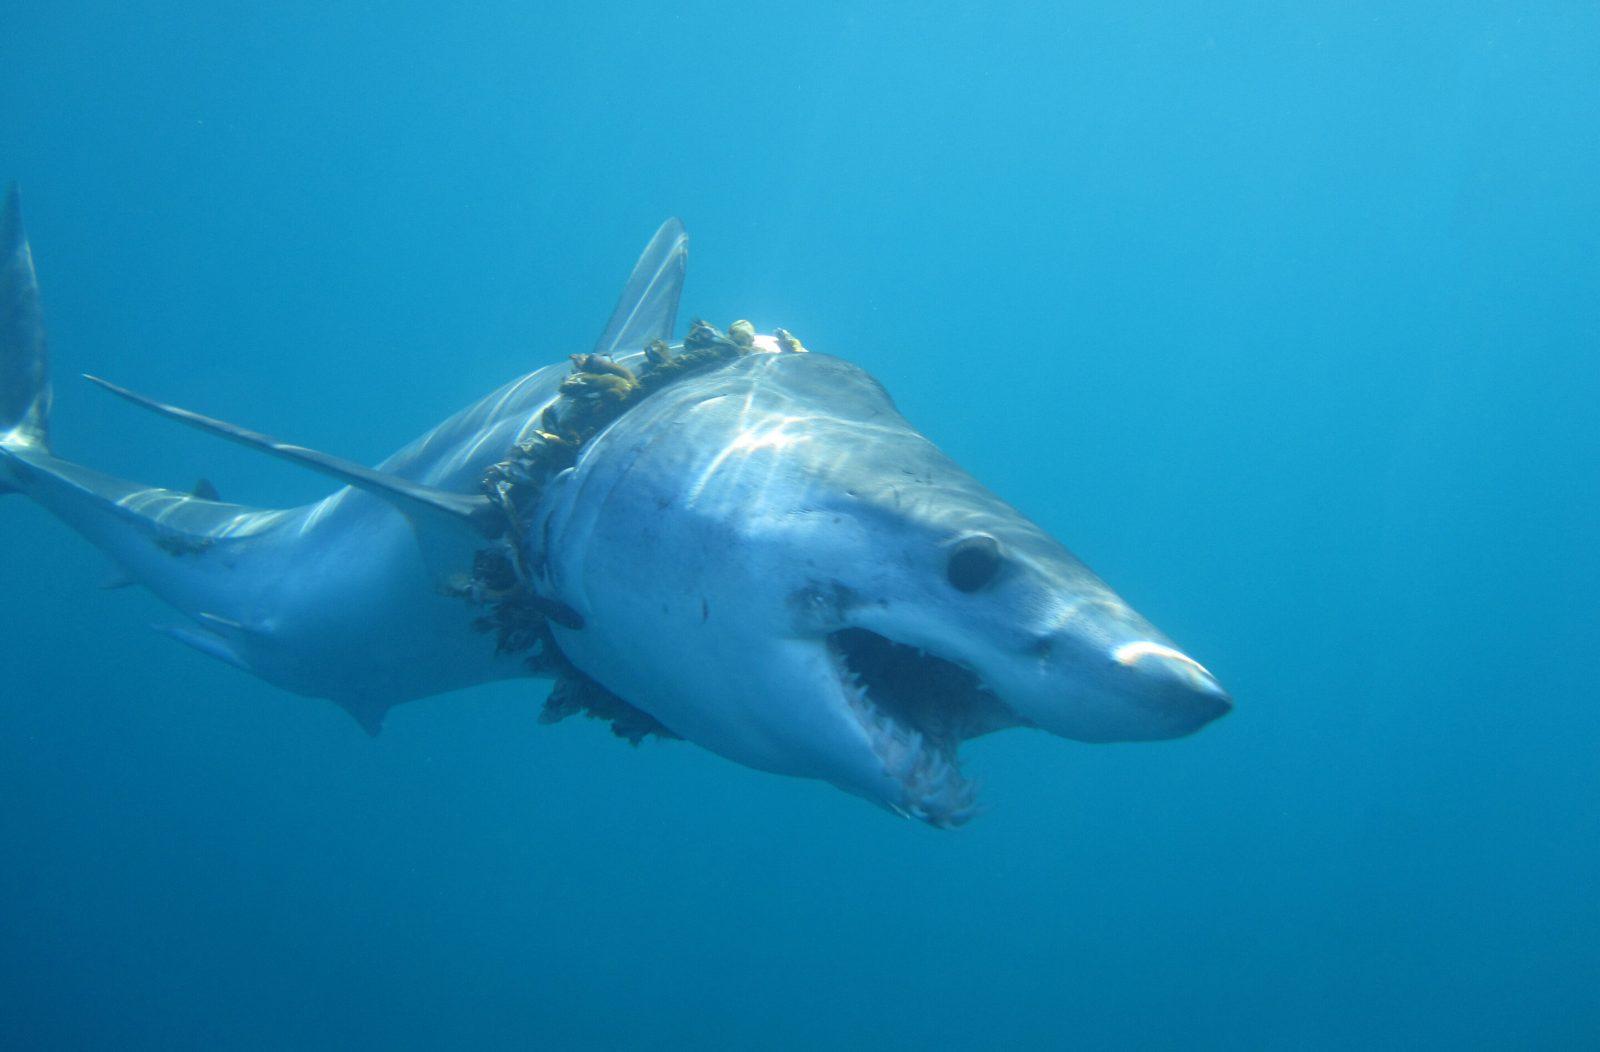 squalo makò stritolato